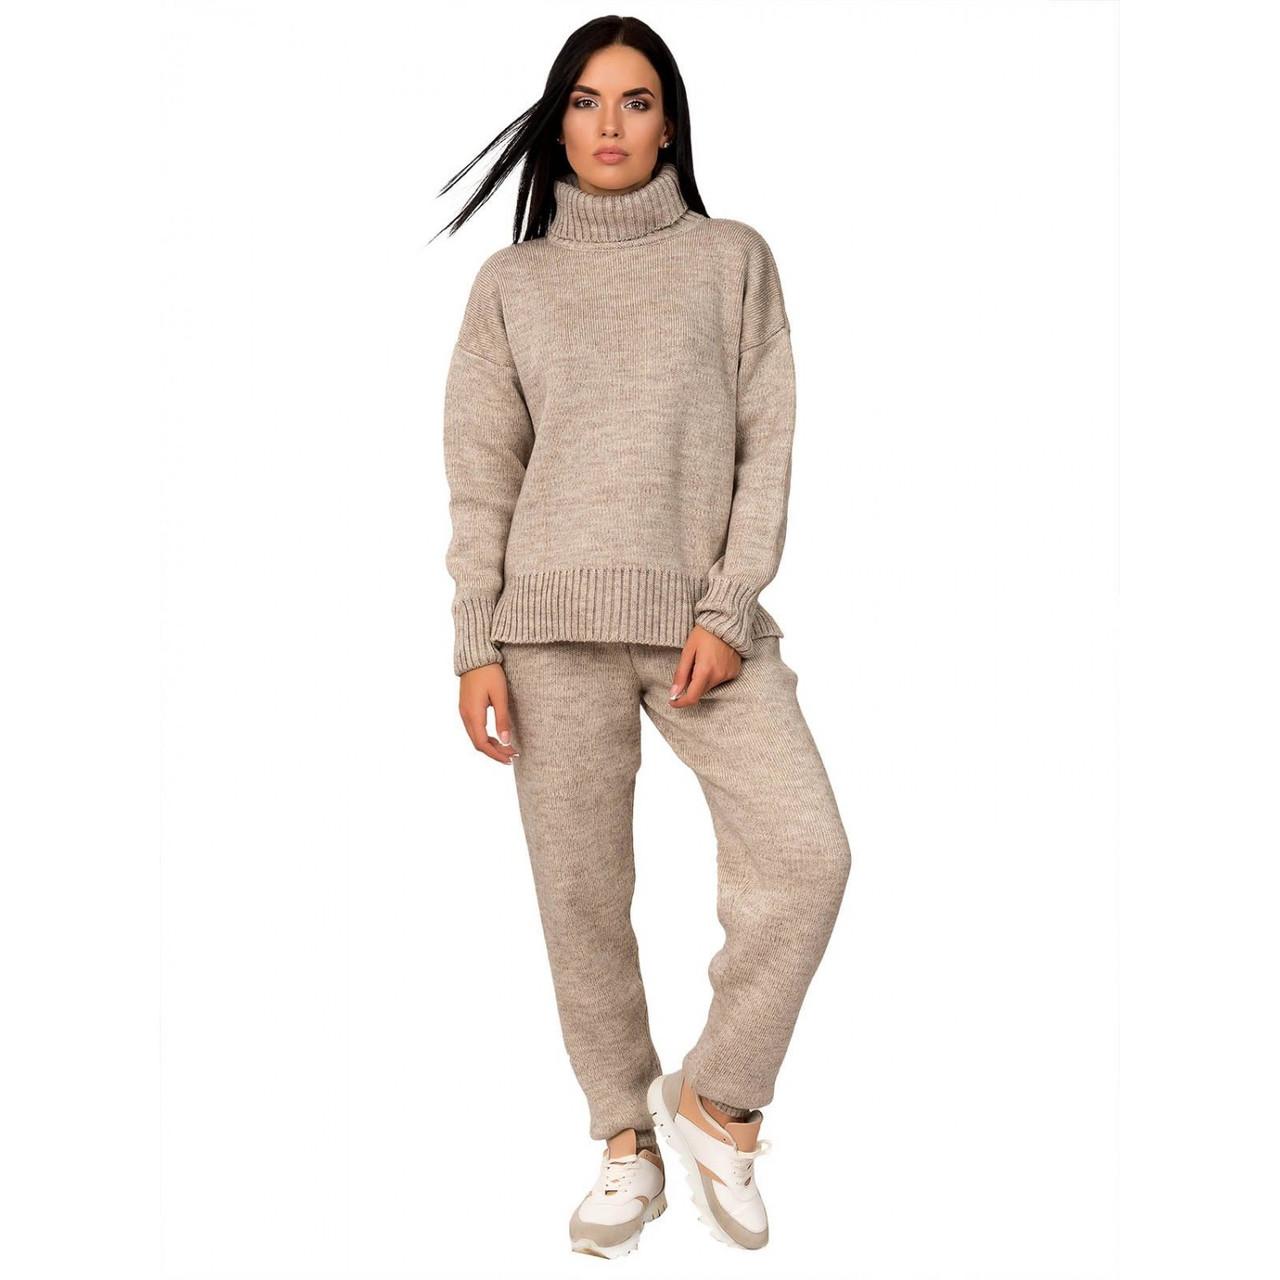 Повседневный костюм женский с брюками  размер универсальный 42-46